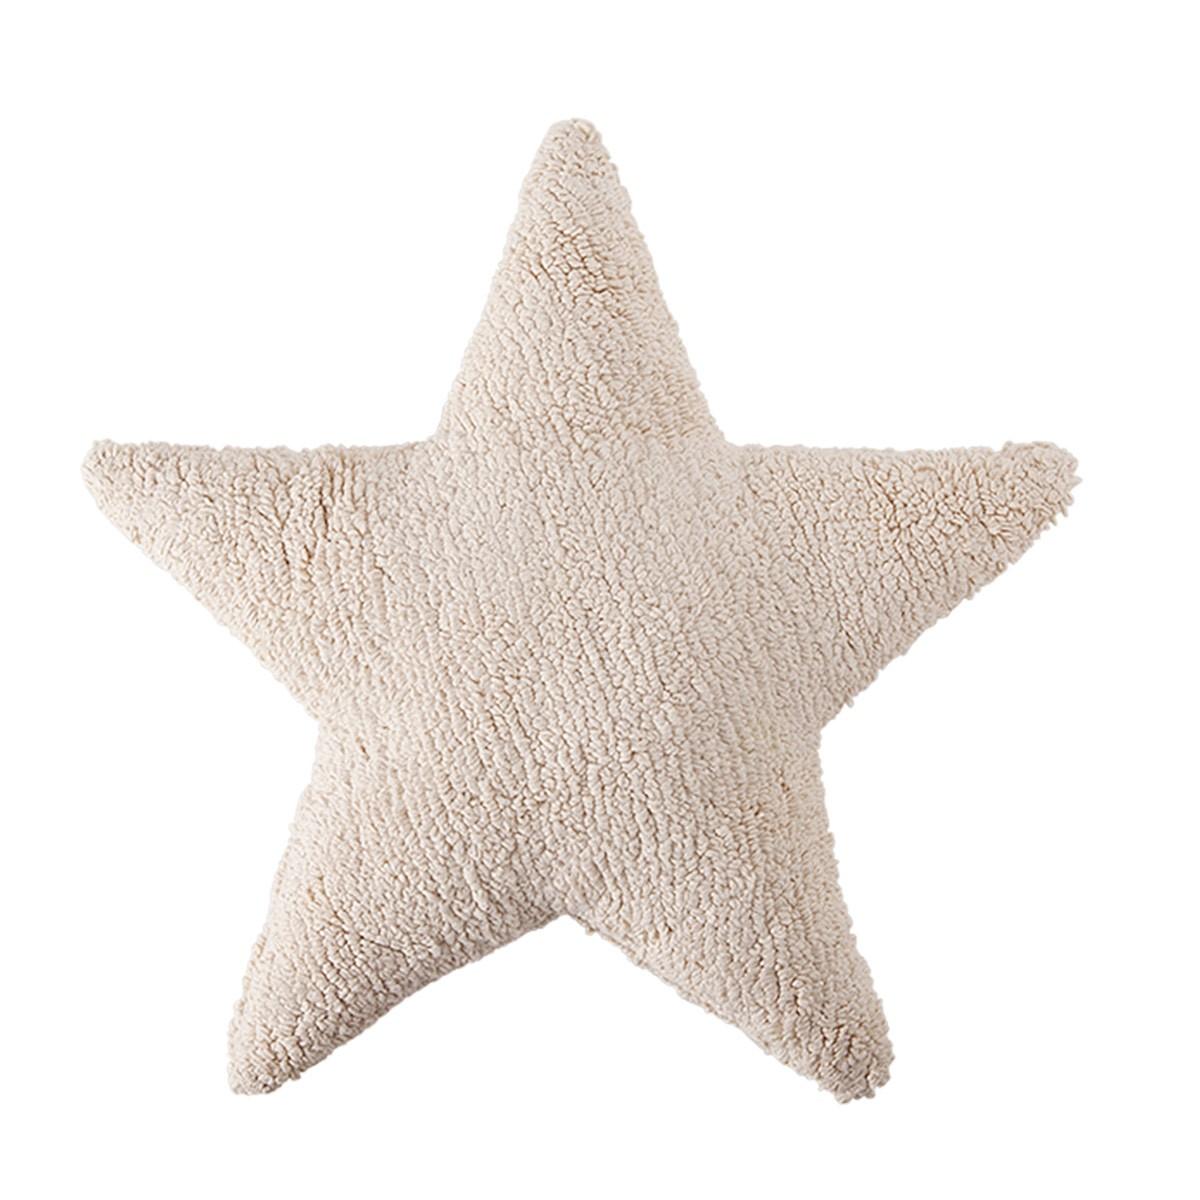 Διακοσμητικό Μαξιλάρι Lorena Canals Star Beige